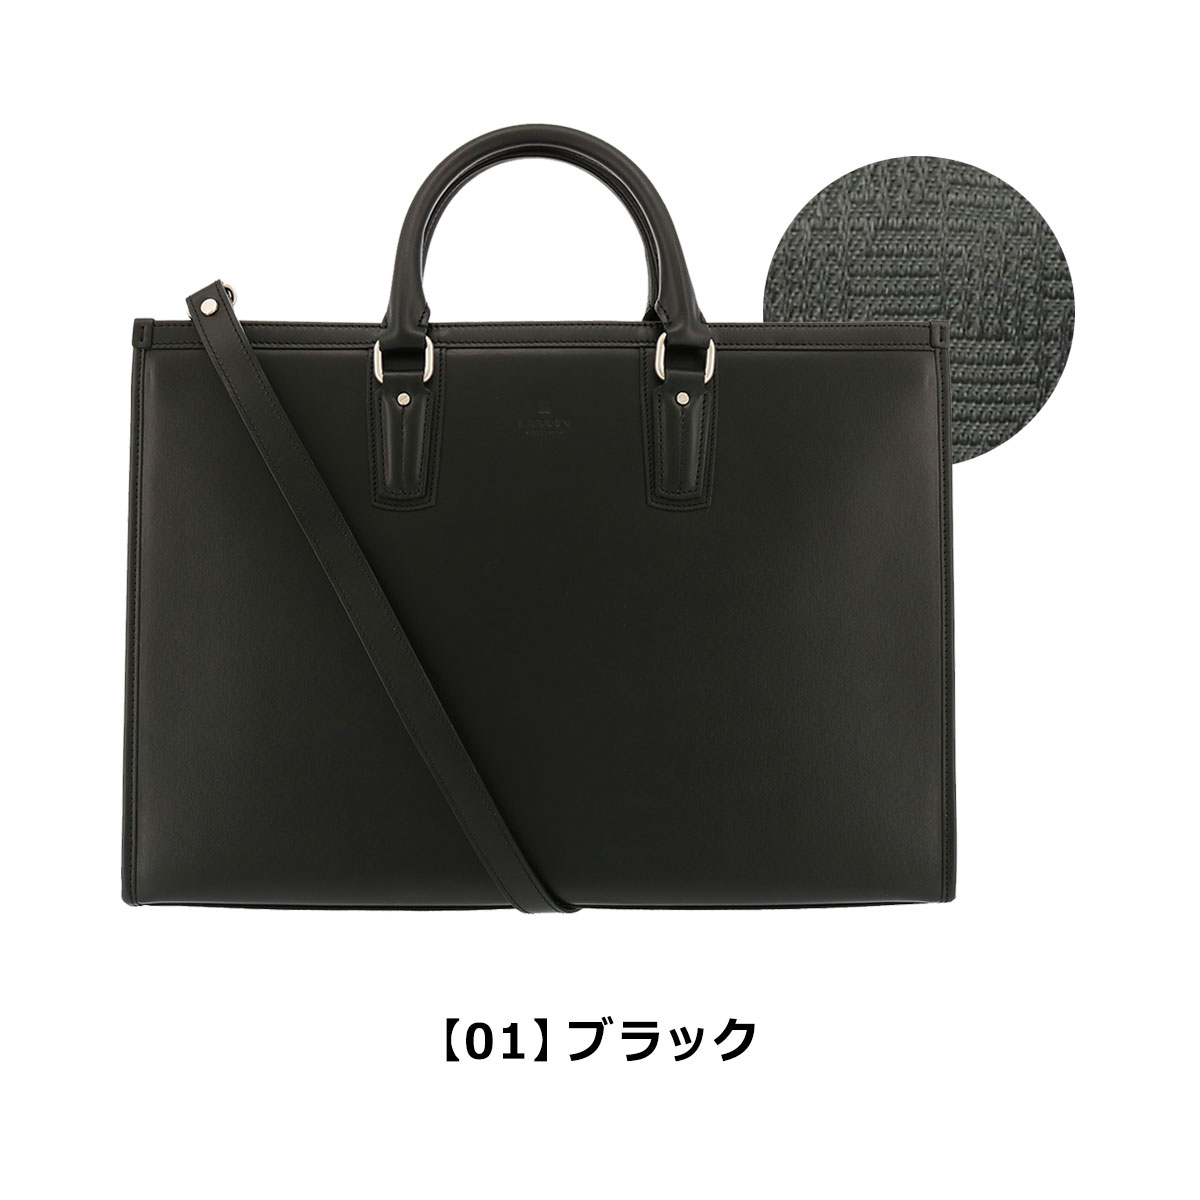 【03】チョコ